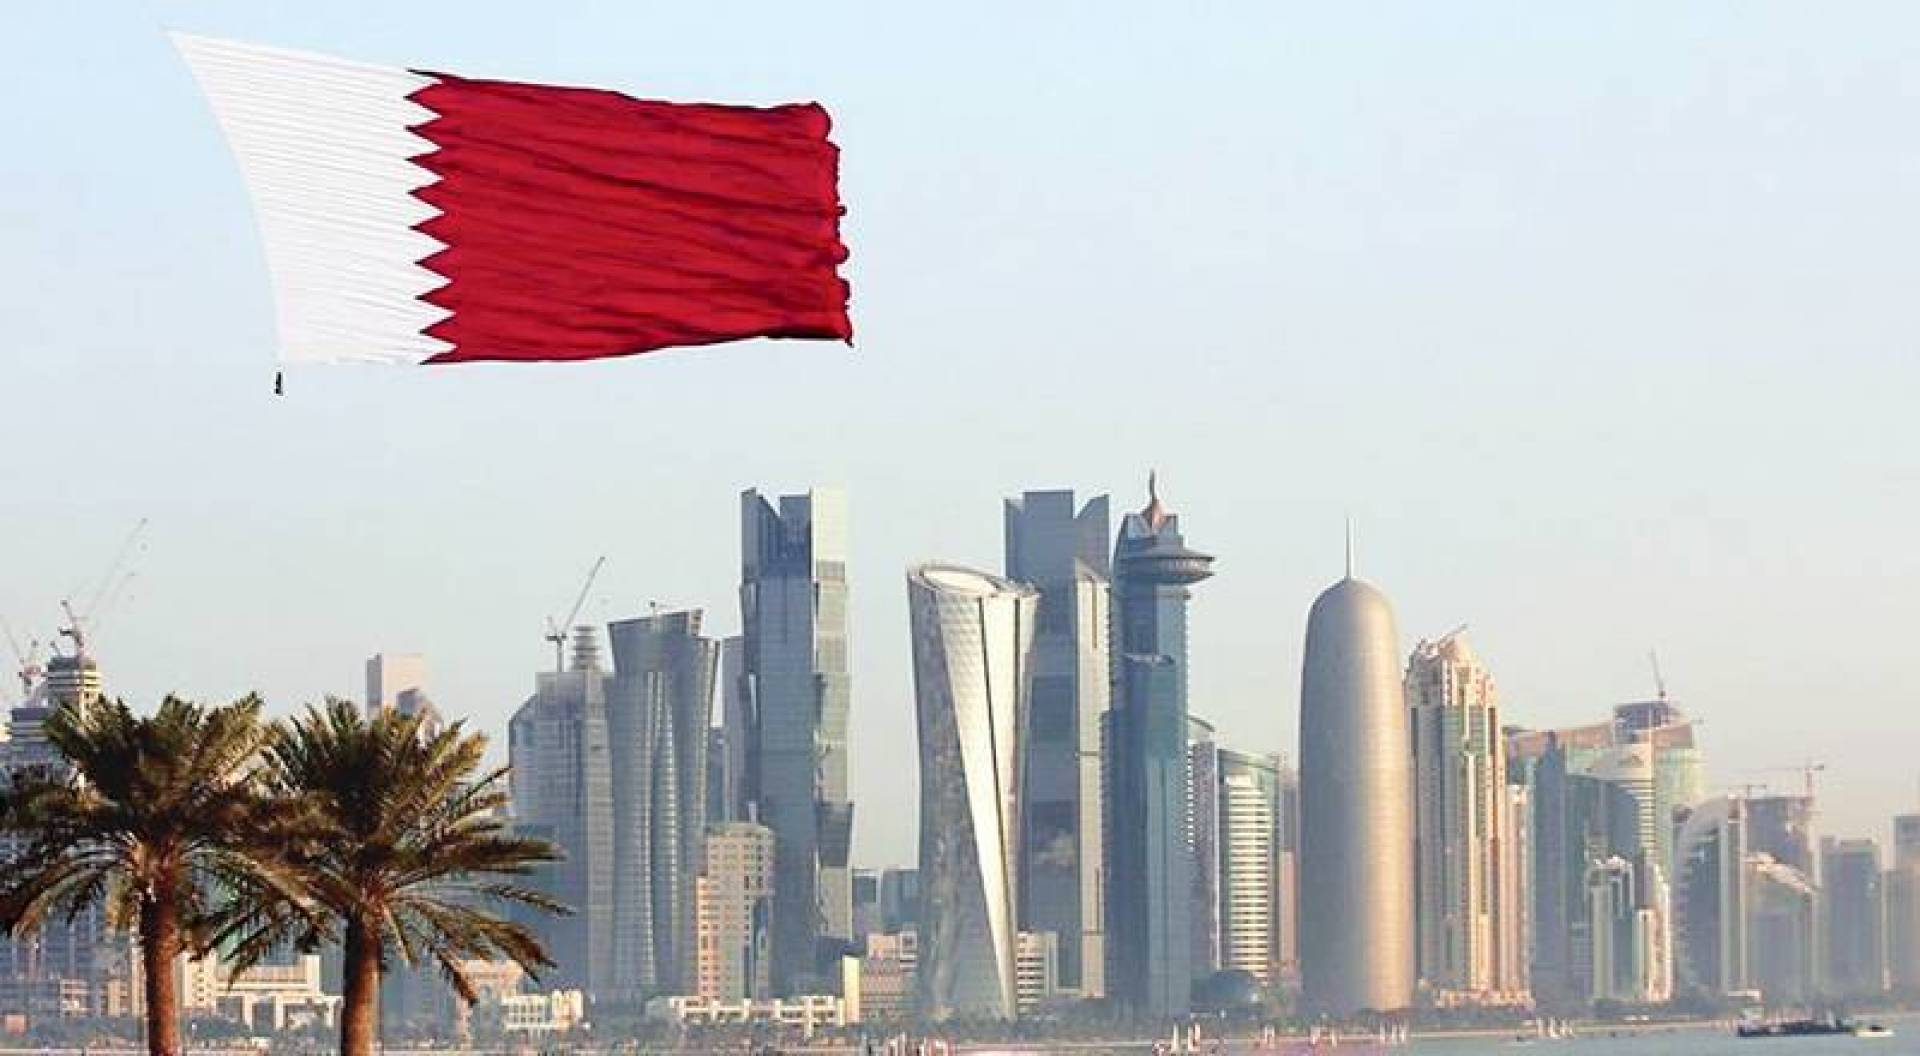 قطر تمدد إجراءات دعم القطاع الخاص المتضرر بسبب «كورونا»